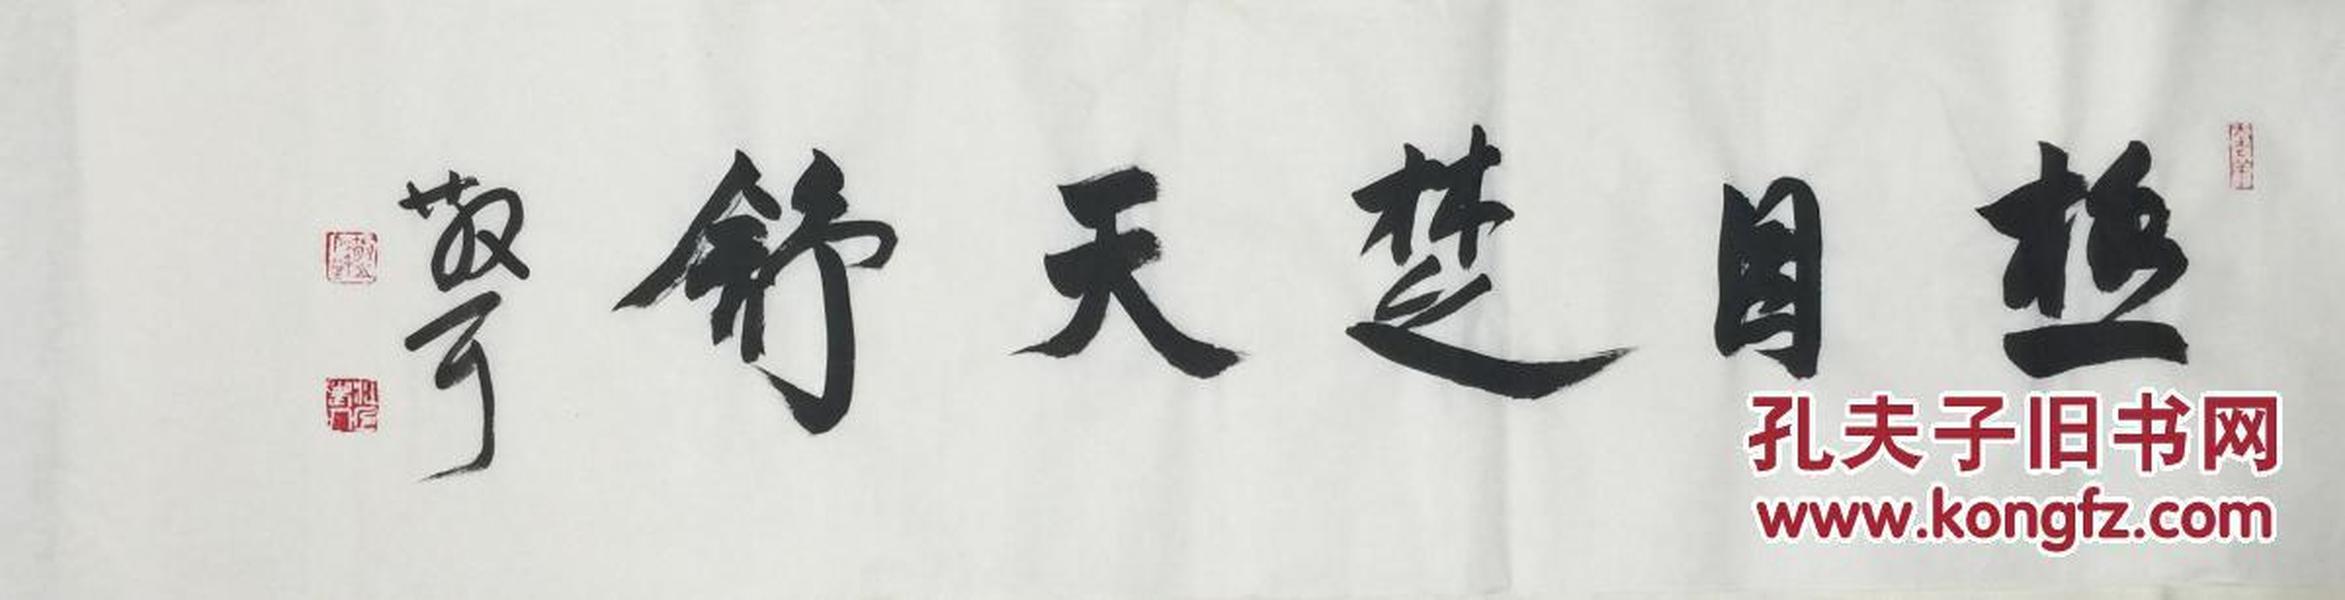 ★【顺丰包邮】【纯手绘】【林散之】、★纯手绘书法、四尺对开(138*34)18★买家自鉴。